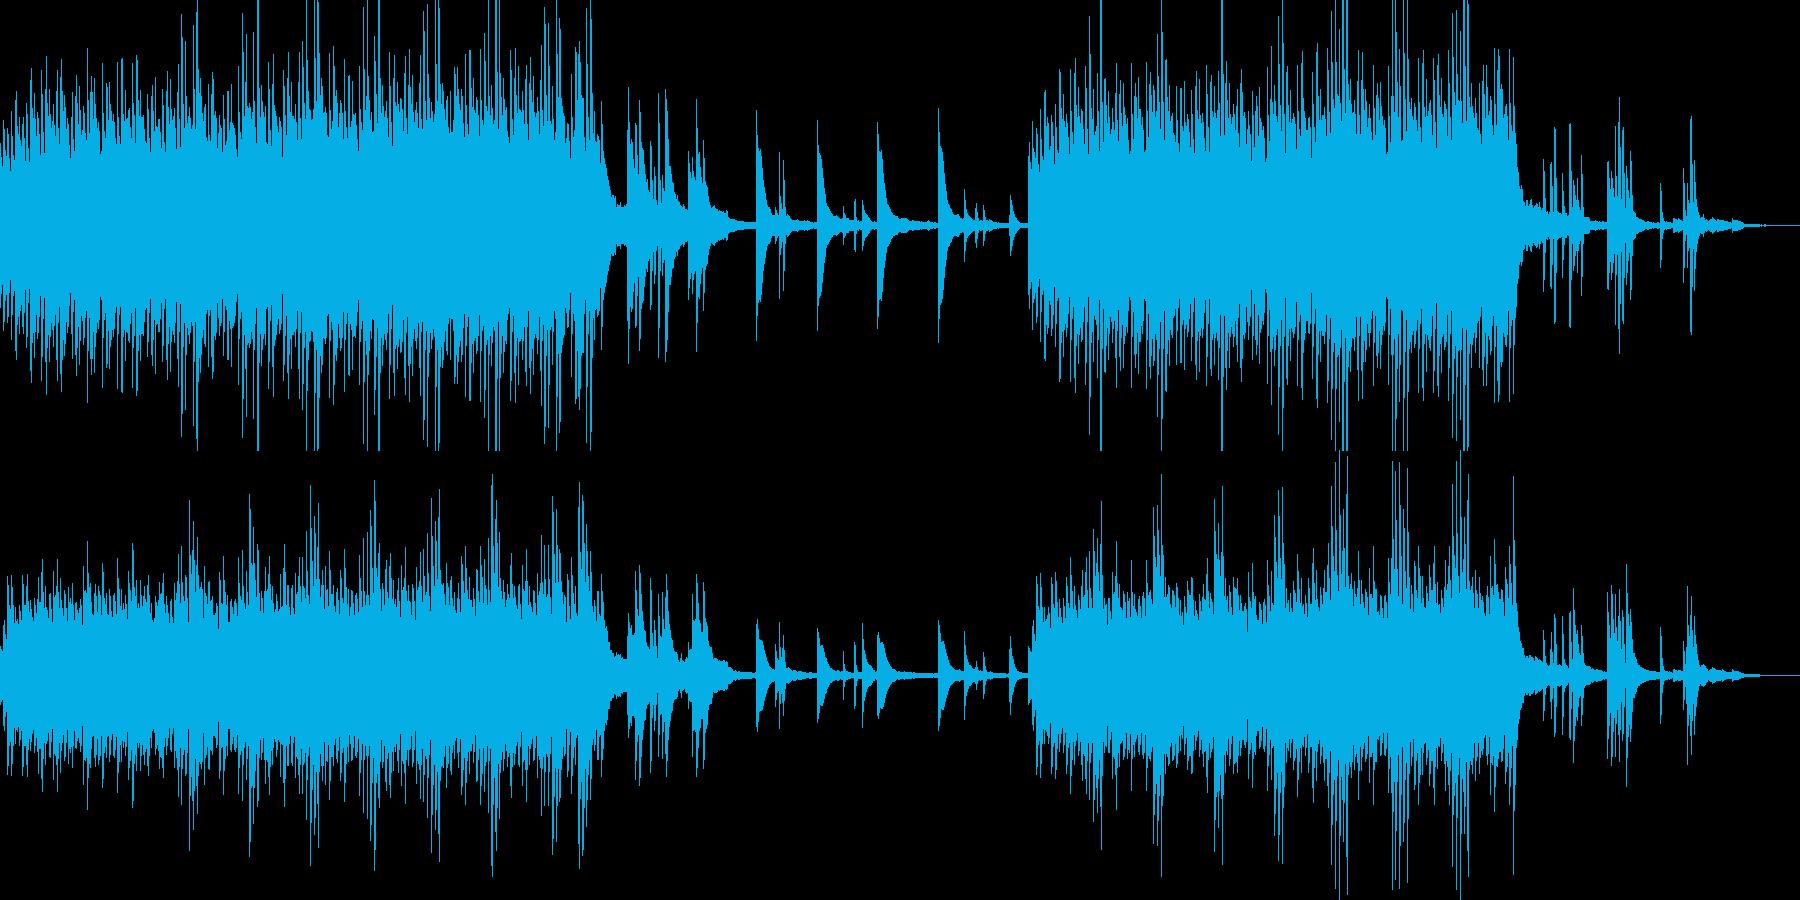 穏やかな昼間を想像させるピアノサウンドの再生済みの波形